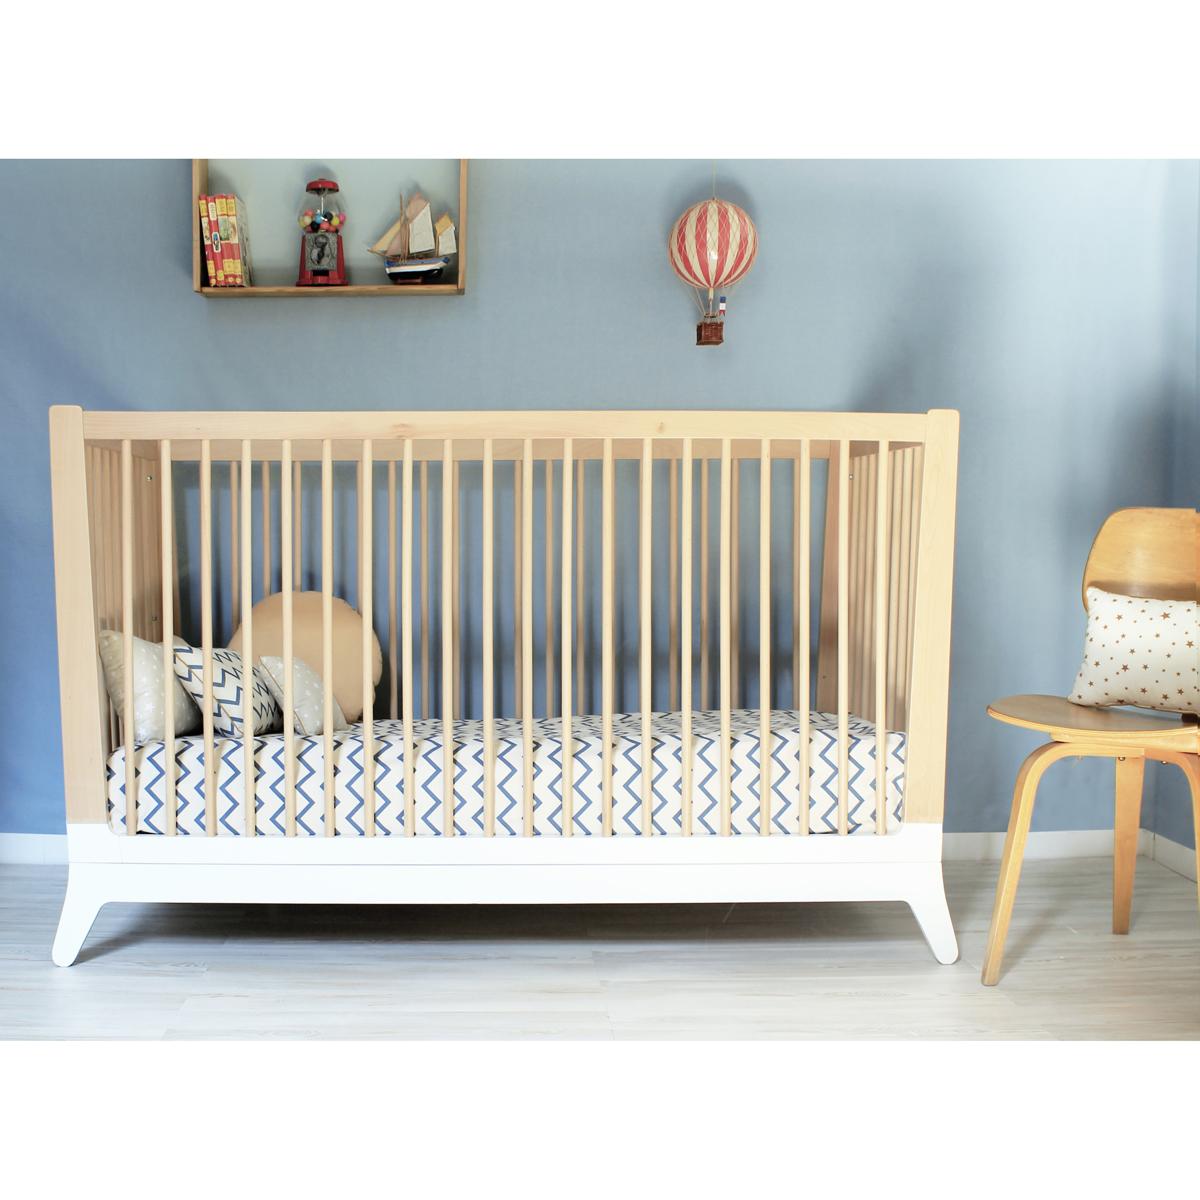 Lit bébé Horizon - Blanc Nobodinoz pour chambre enfant - Les ...